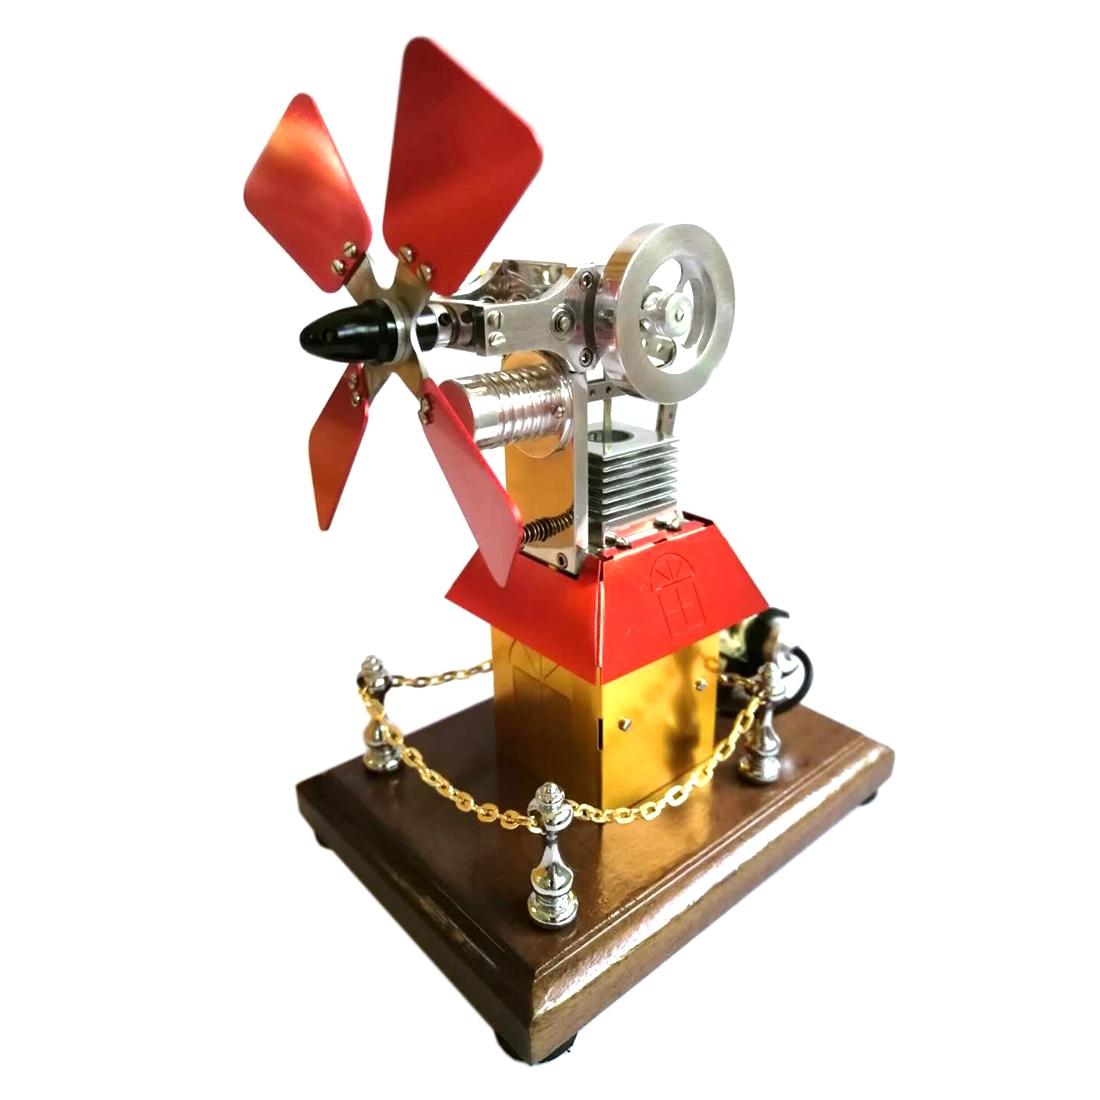 Butane alimenté moulin à vent cabine forme Stirling moteur modèle générateur jouet apprentissage précoce éducation jouet cadeau pour enfants enfant